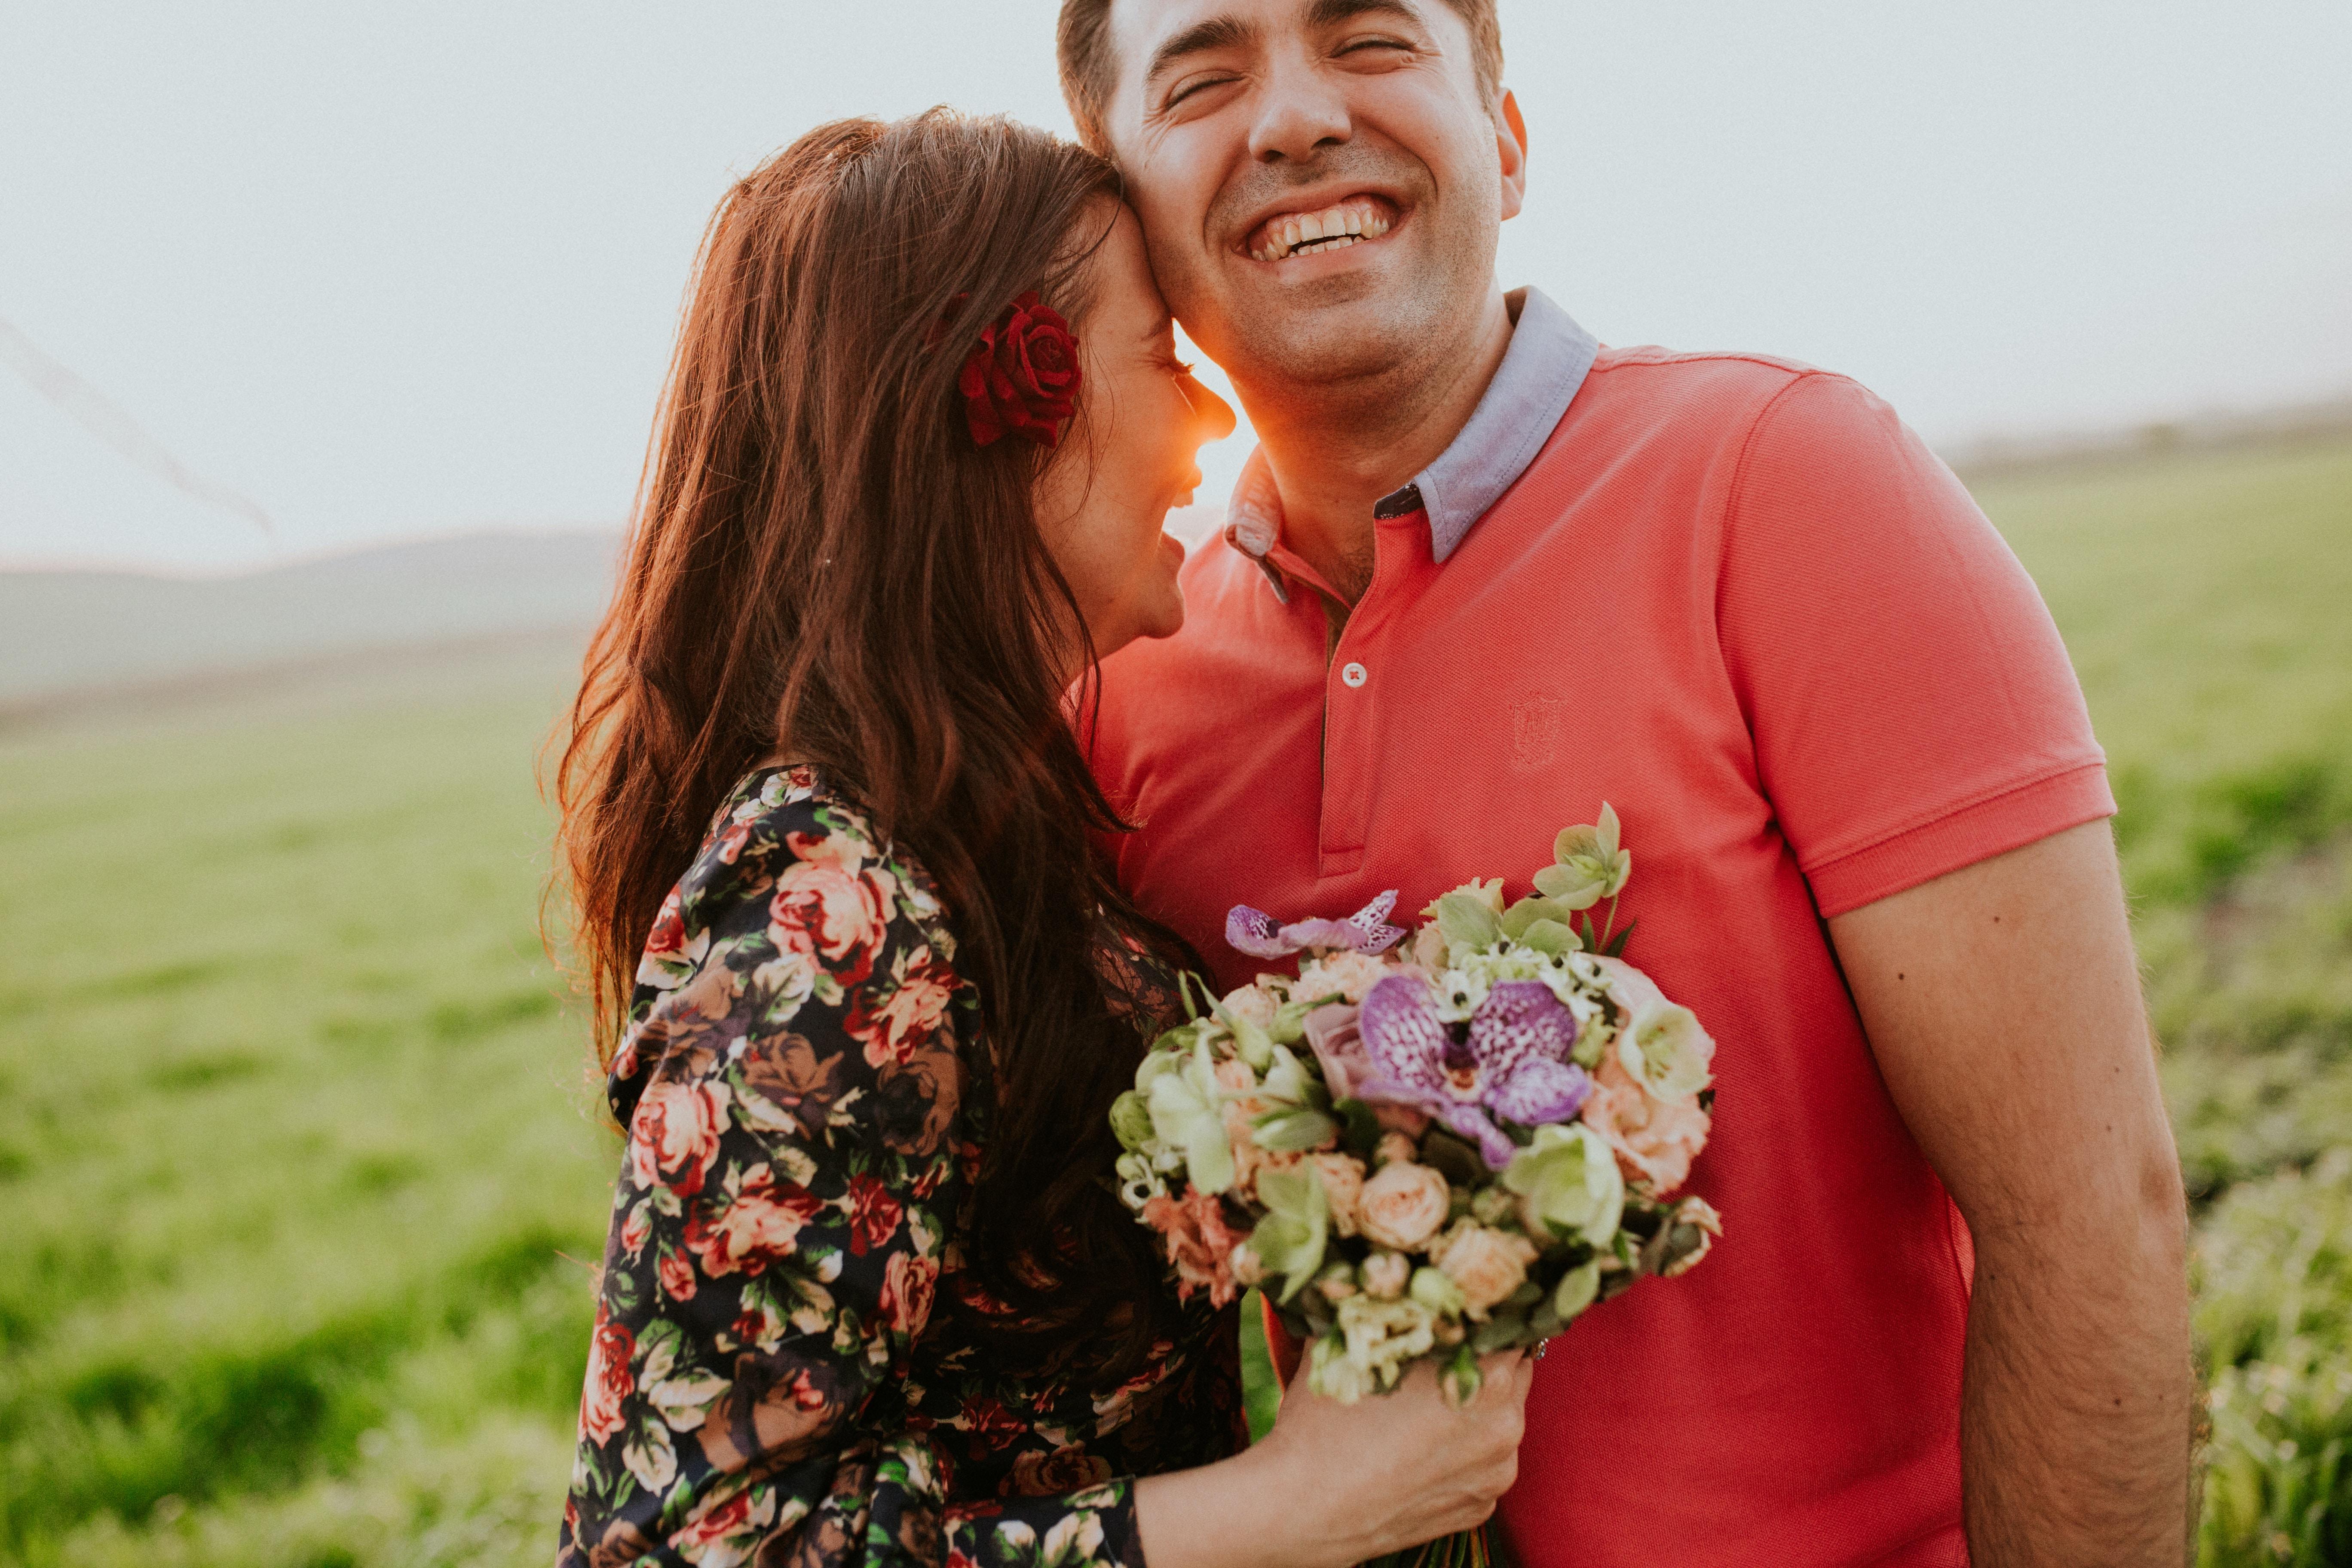 smiling woman hugging smiling man during daytime